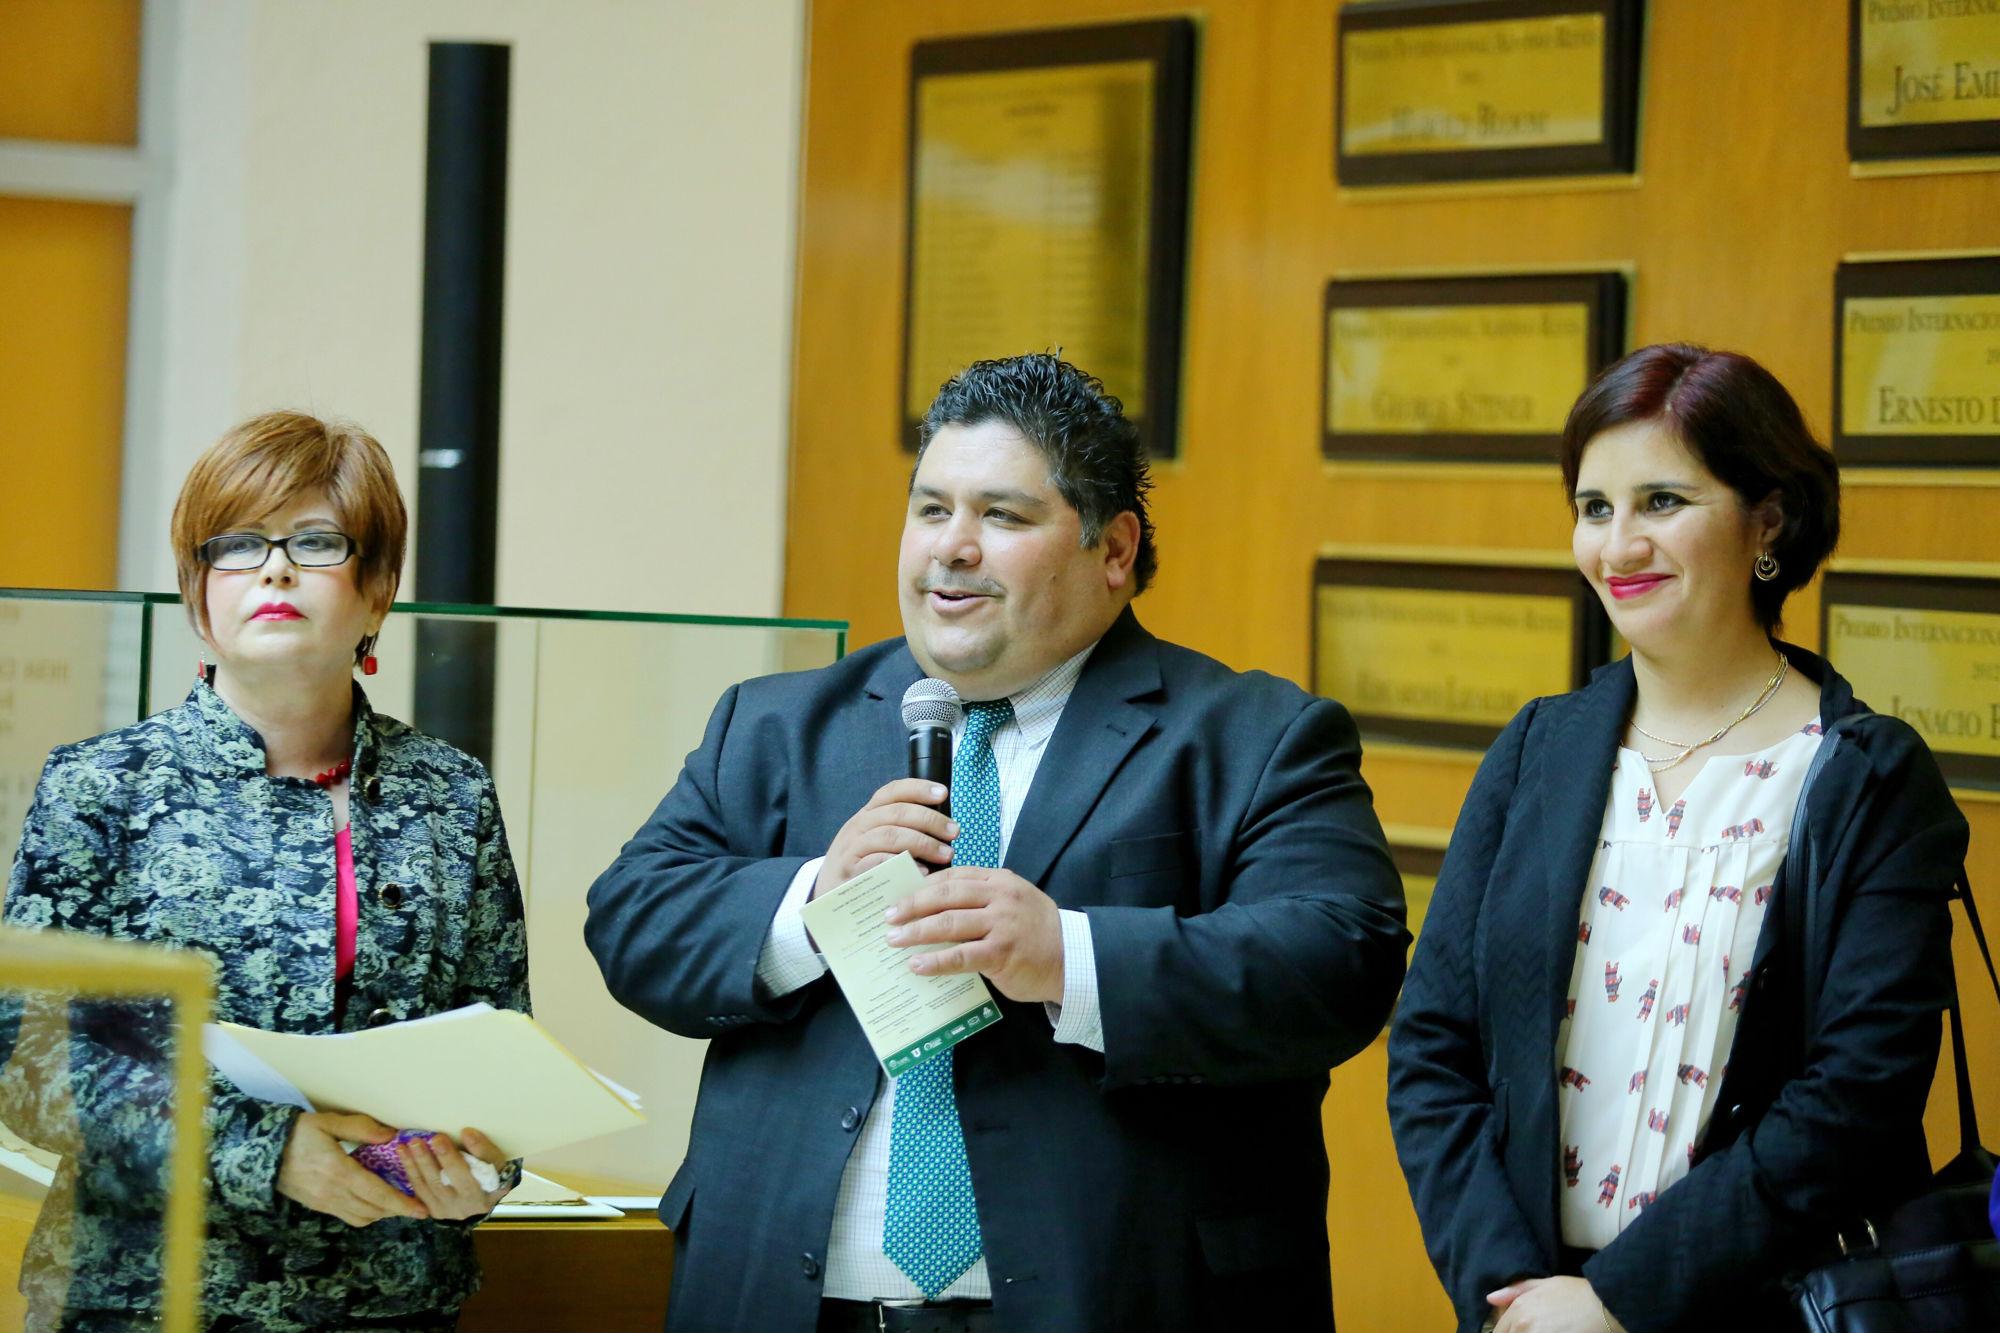 Celso Garza Acuña, Secretario de Extensión y Cultura de la UANL